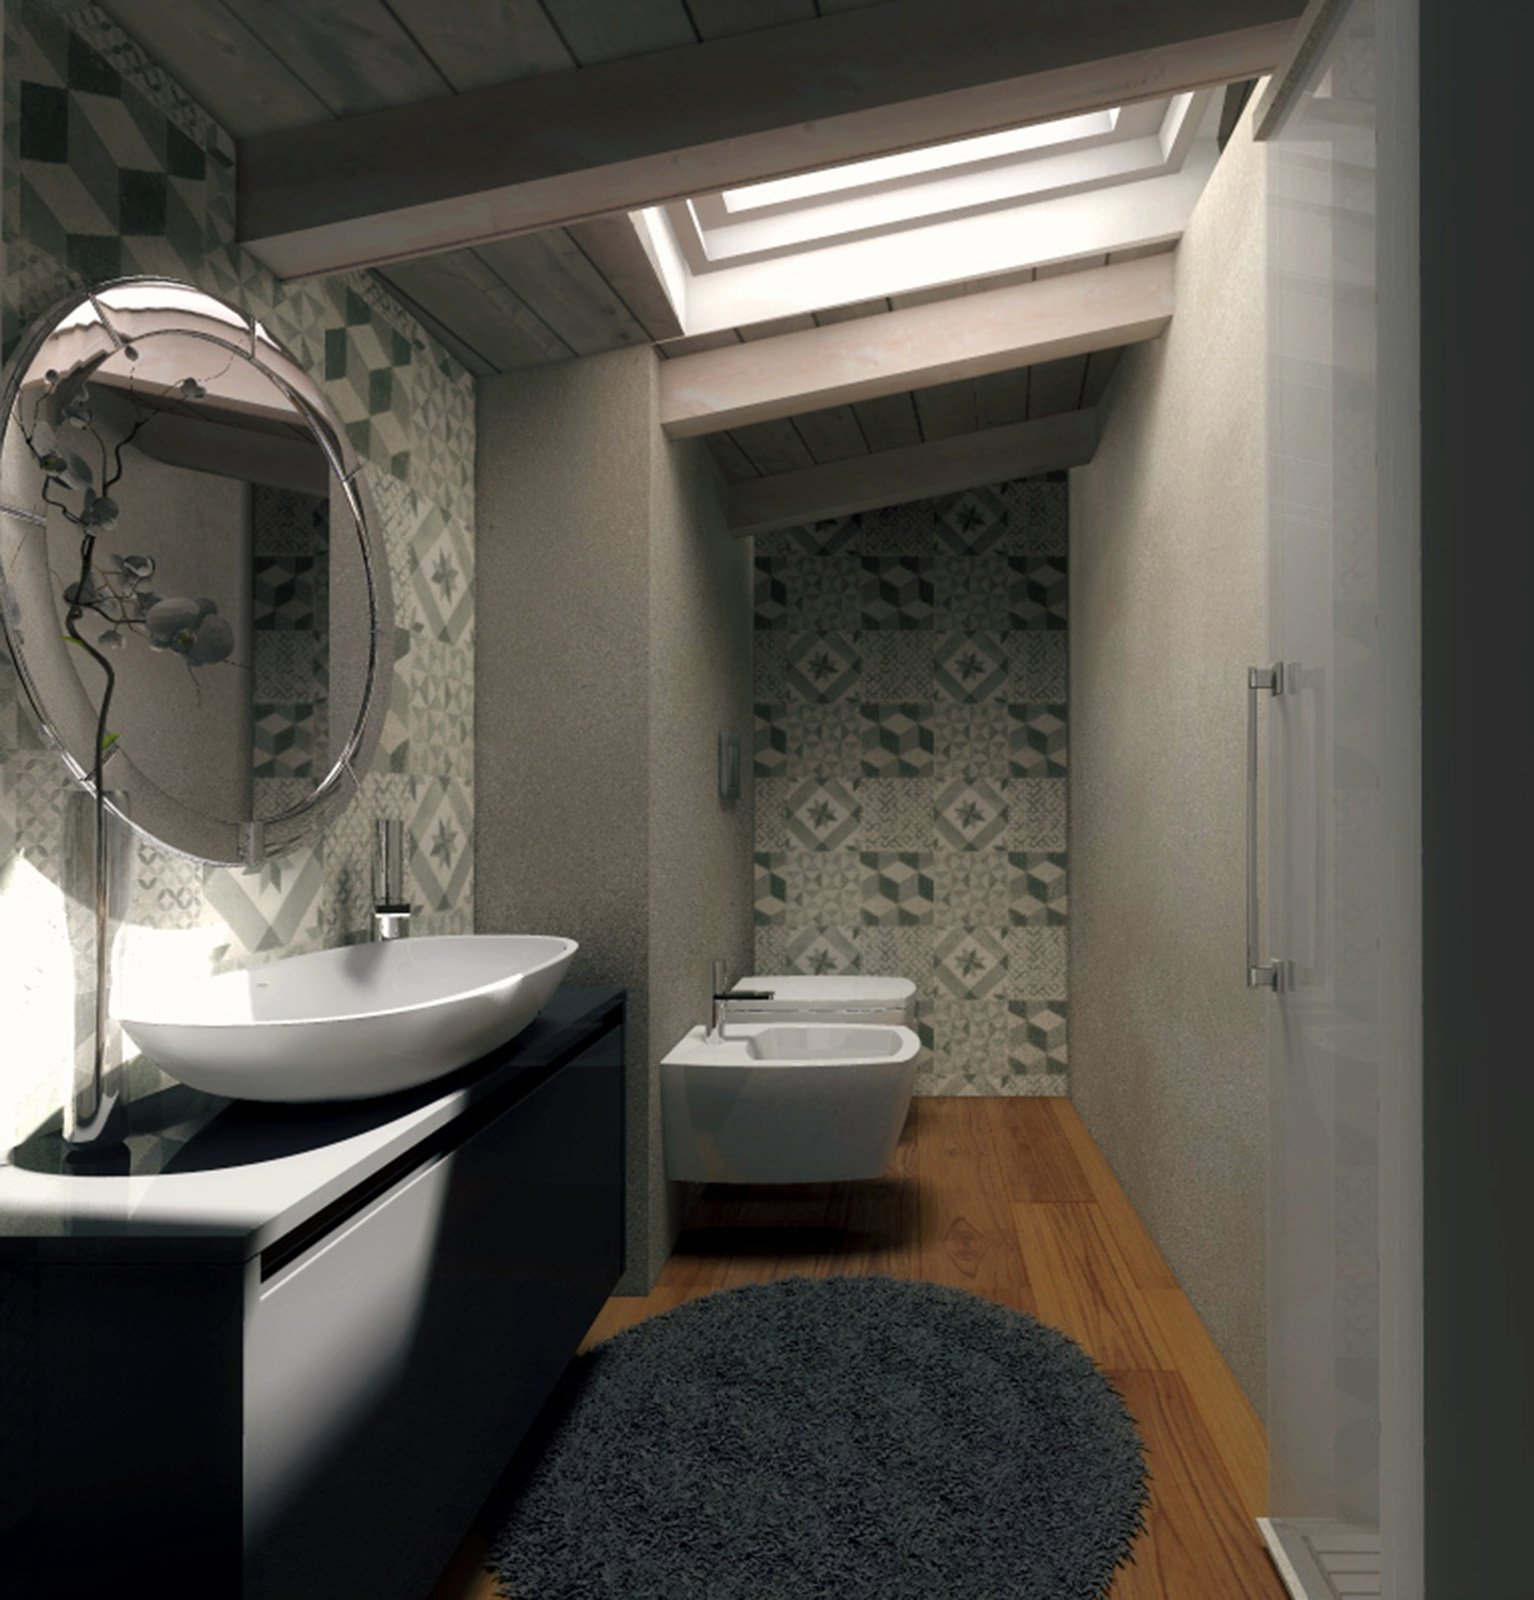 Mansarda una casa sottotetto luminosa e contemporanea - Bagno in mansarda non abitabile ...